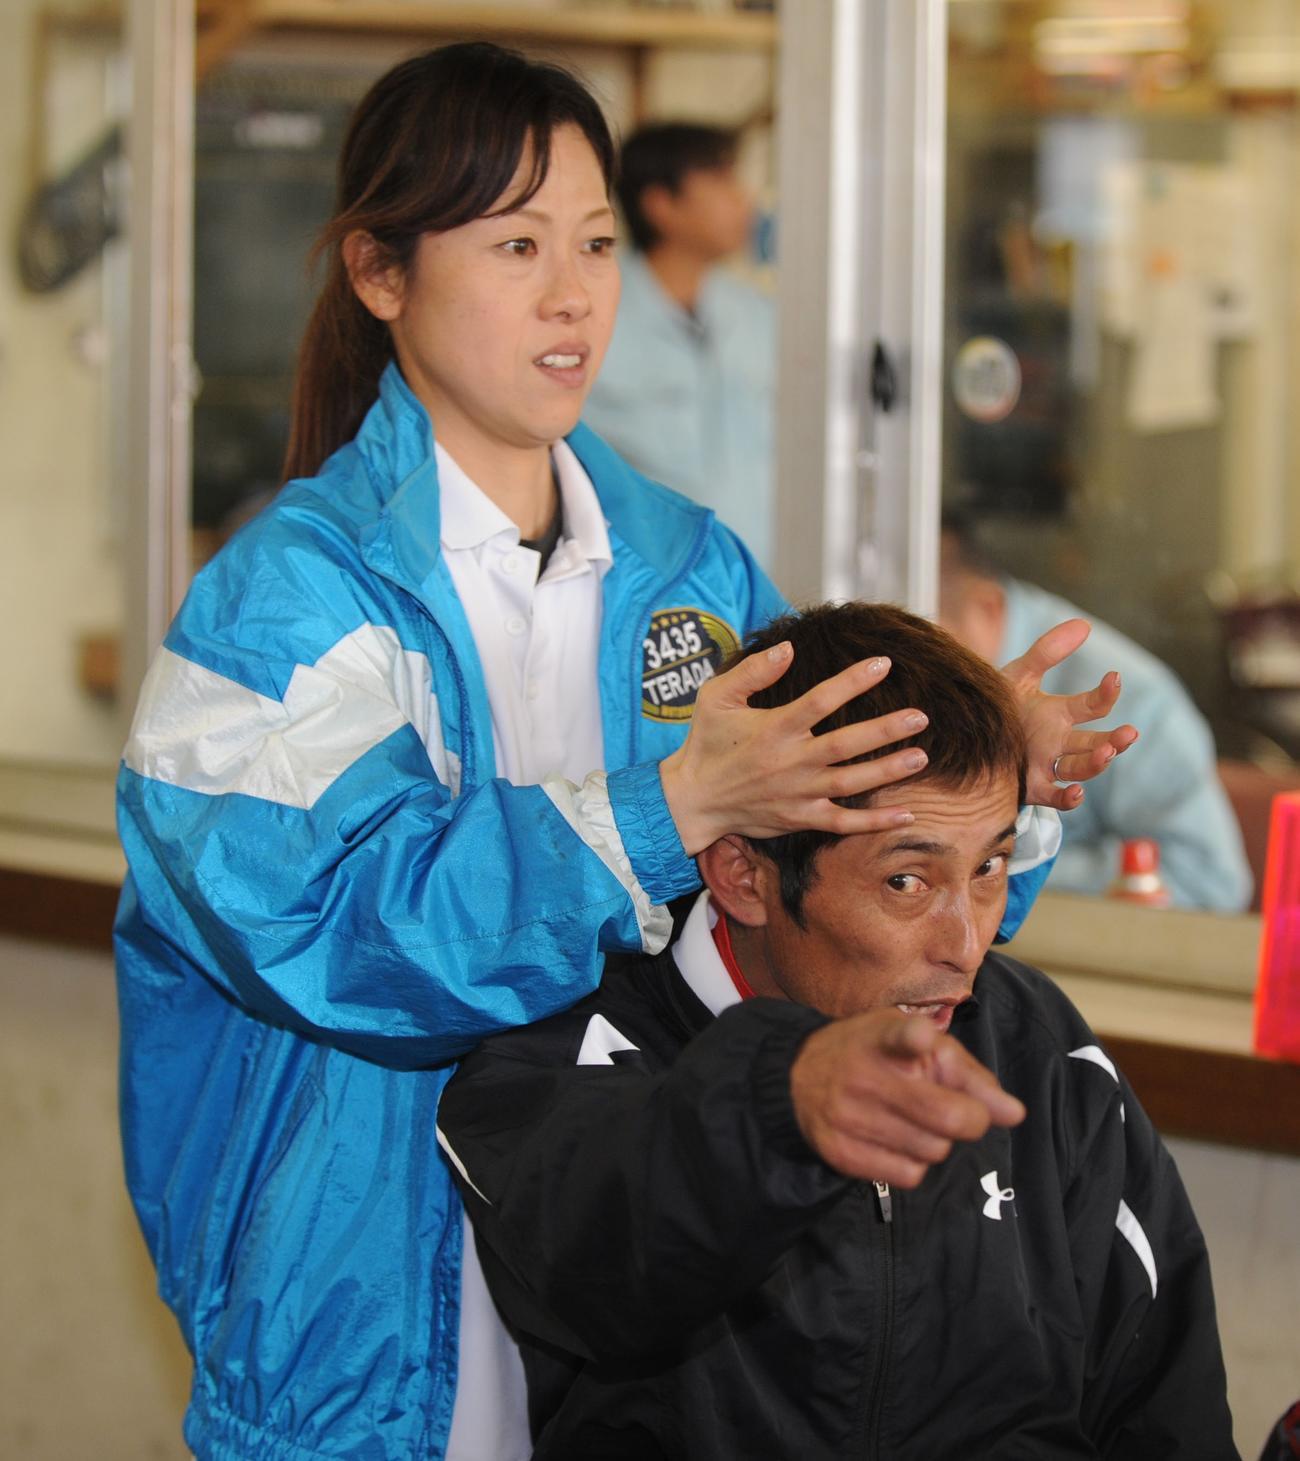 寺田千恵(左)から頭のマッサージをしてもらう今村豊は「(いじめてるみたいだから)撮らないで!」と指をさす(10年11月22日)